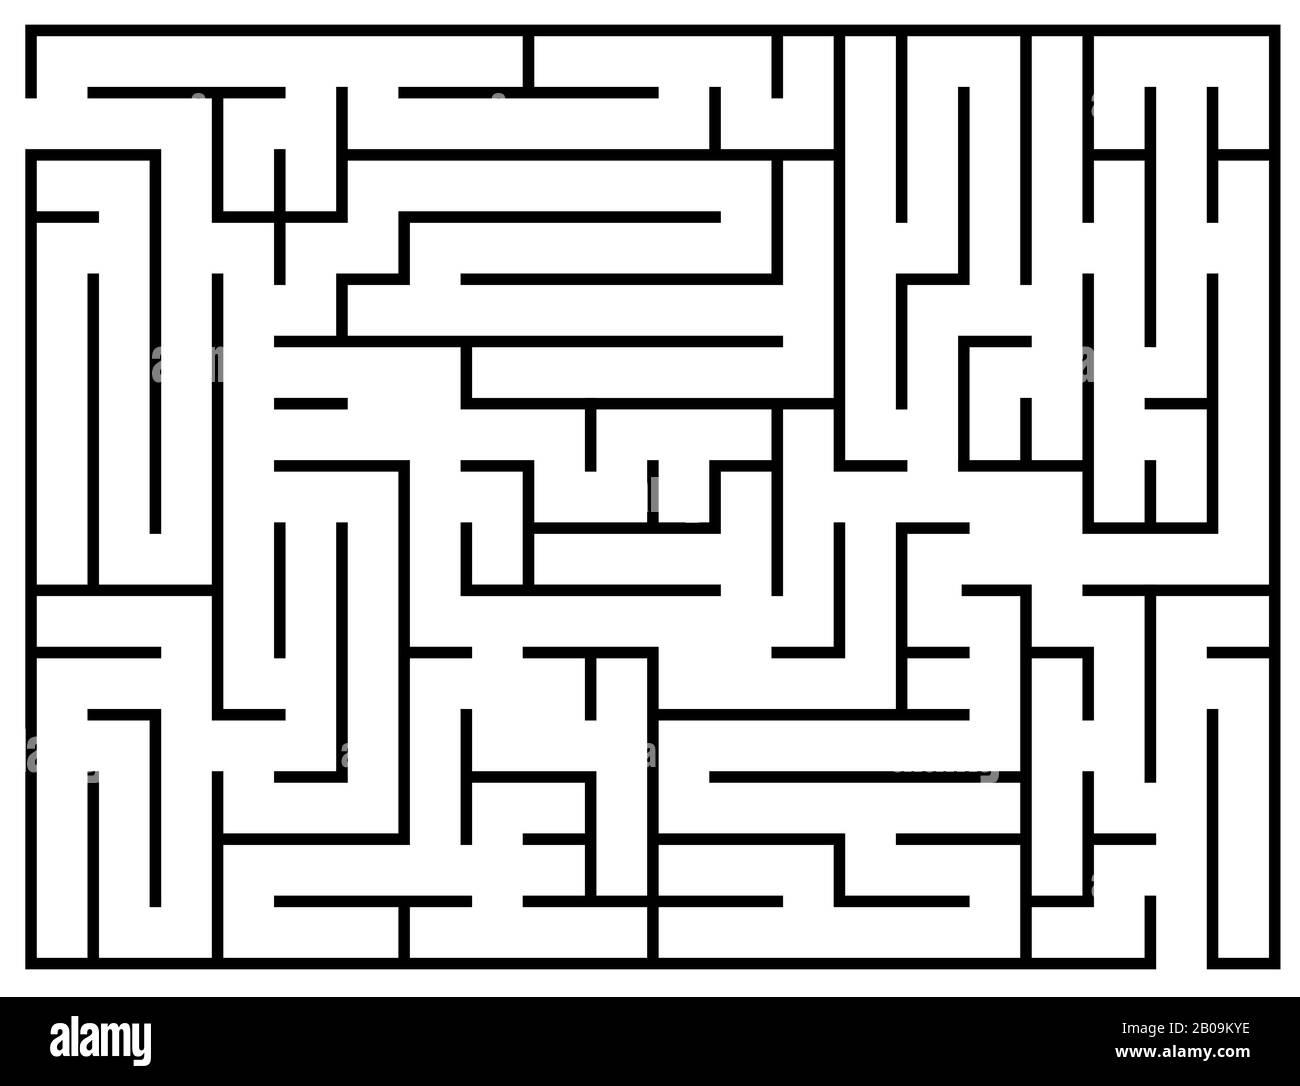 Énigme pour enfants, puzzle de labyrinthe, illustration vectorielle de labyrinthe. Jeu de labyrinthe pour le cerveau, jeu éducatif préscolaire pour le développement Illustration de Vecteur